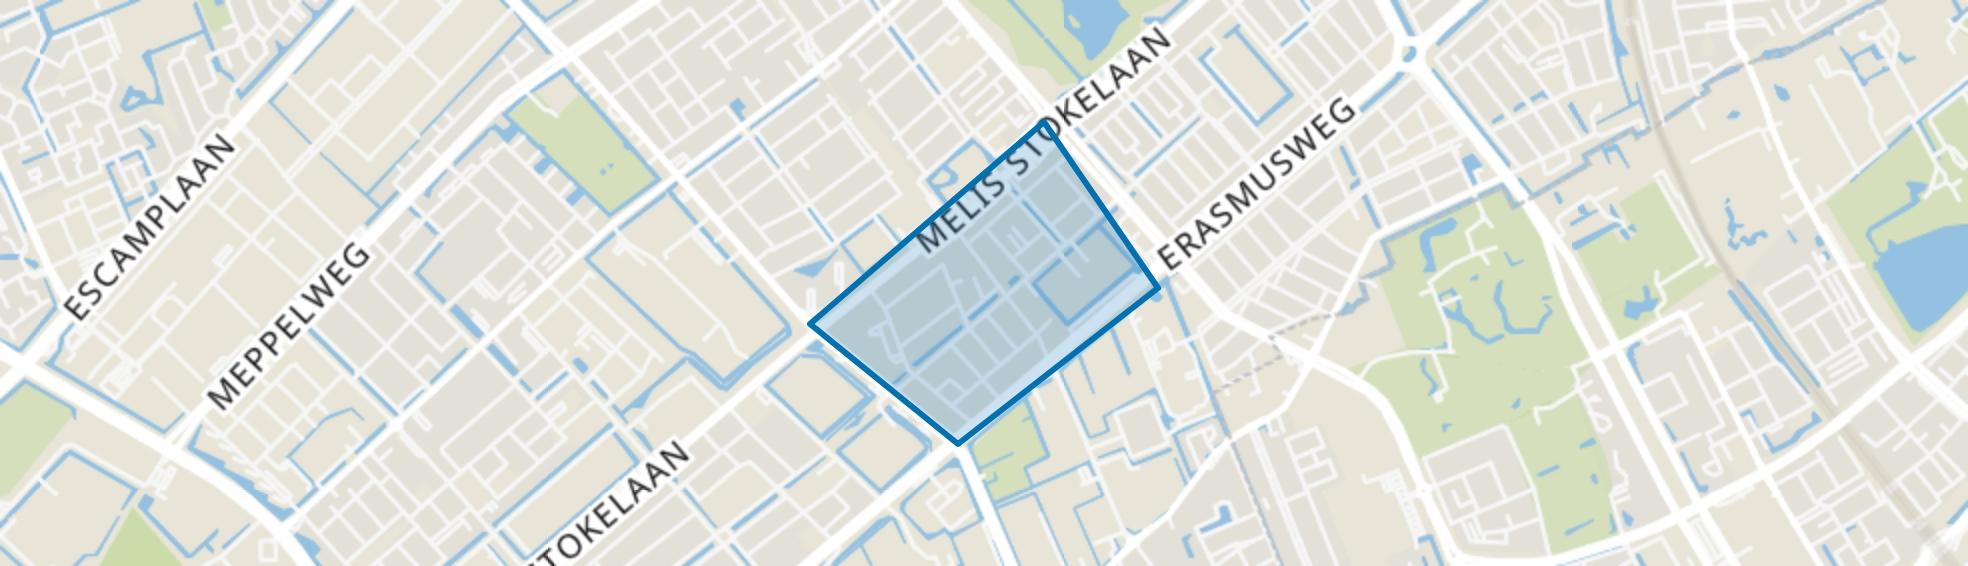 Morgenstond-Zuid, Den Haag map